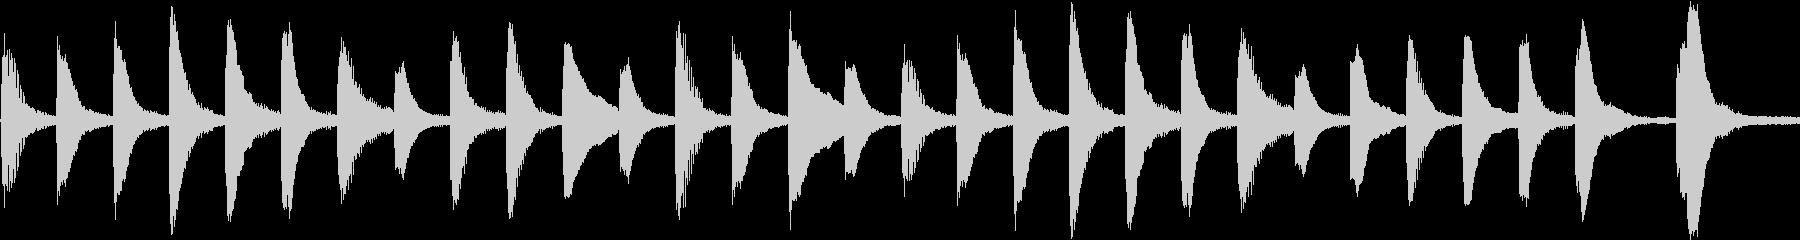 ループできるピアノのほのぼのメロディの未再生の波形